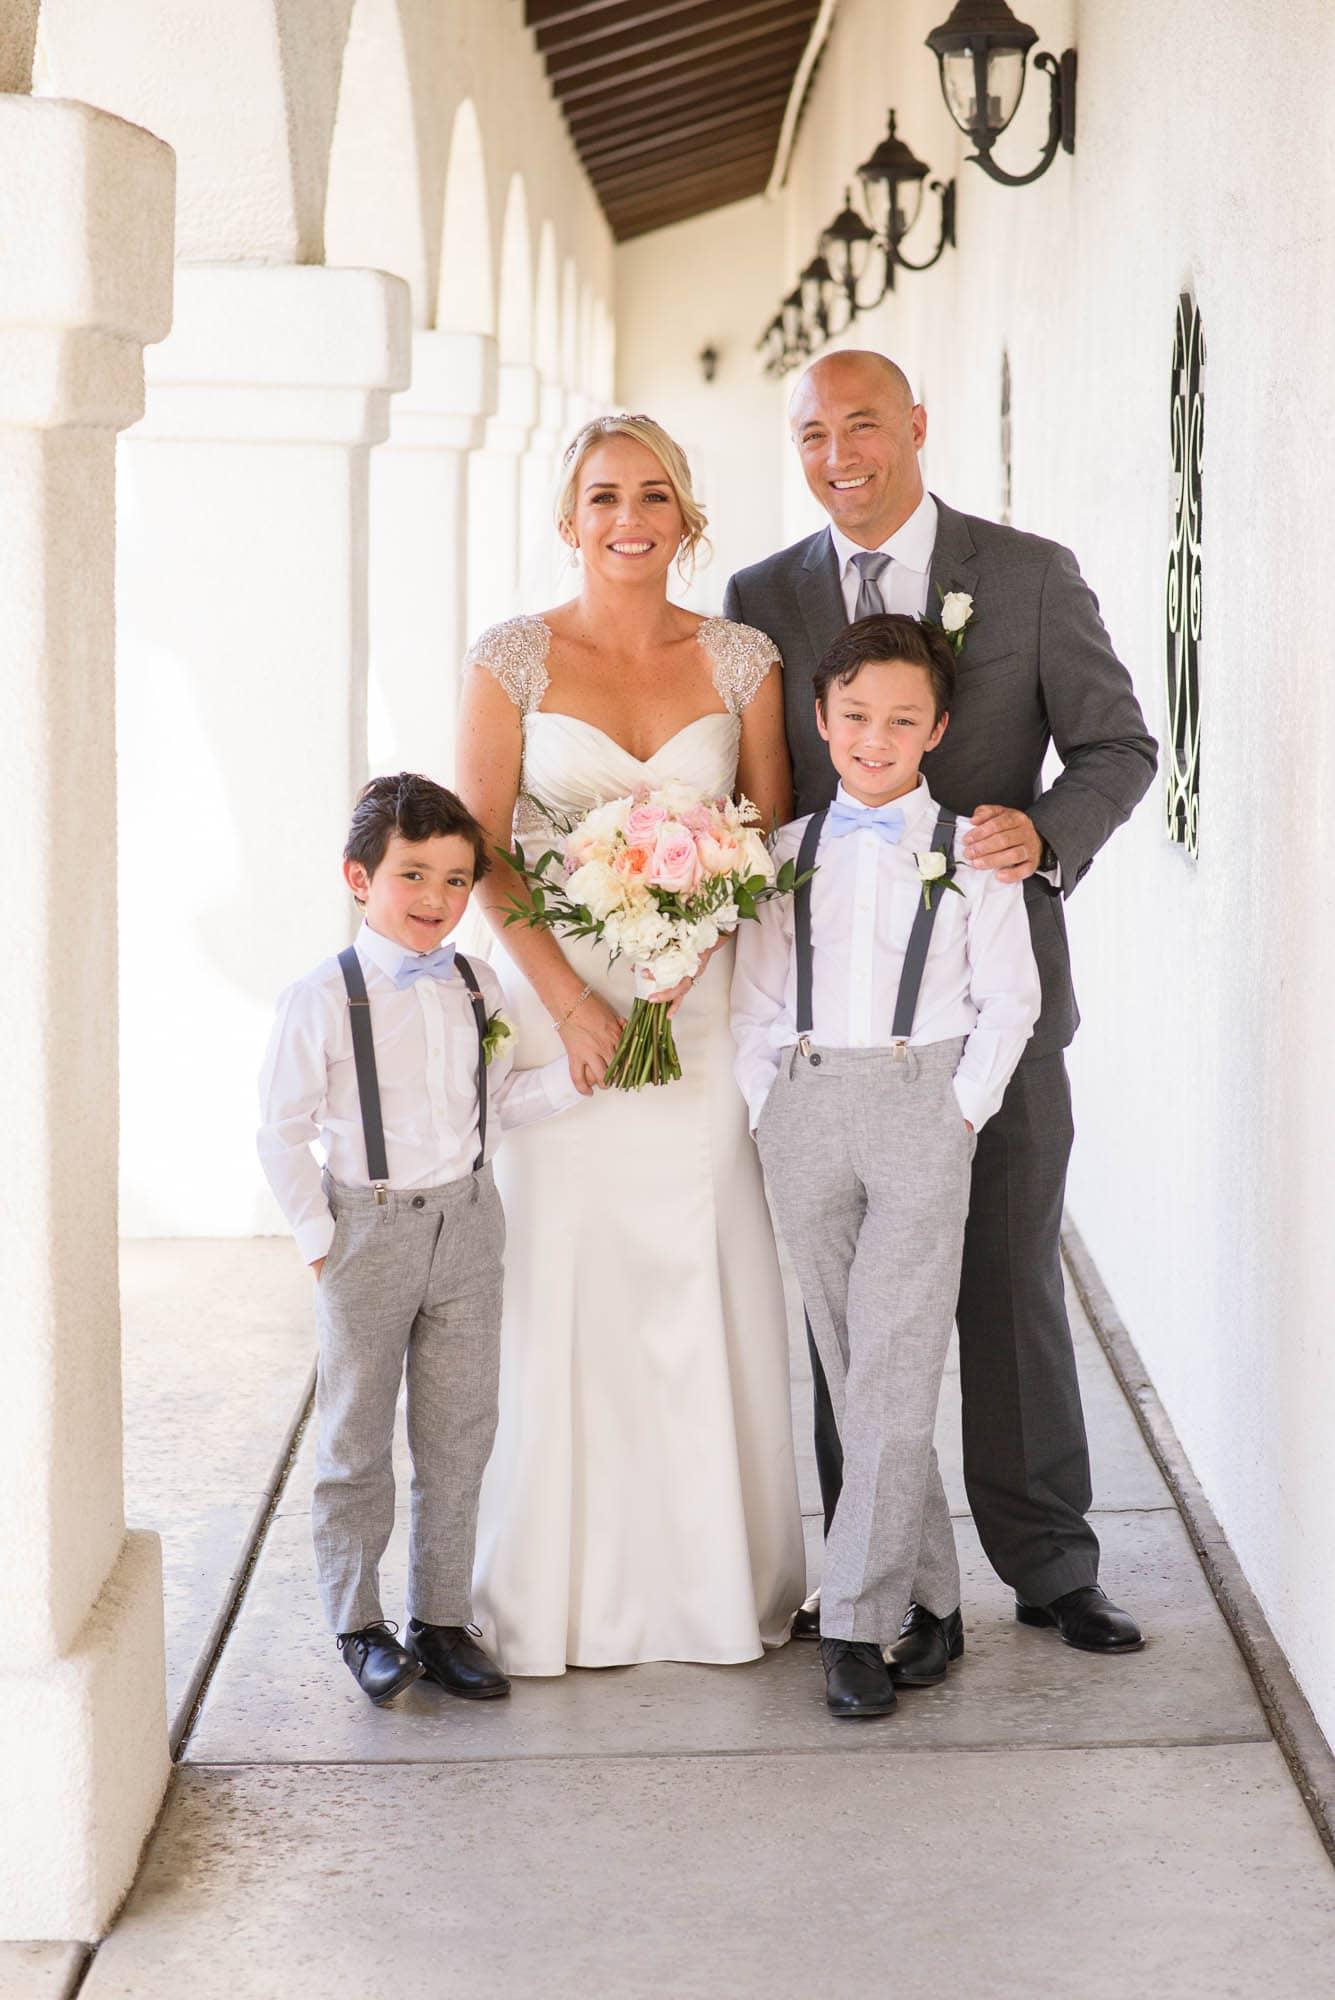 027_Alan_and_Heidi_Wedding_Amanda_Chad